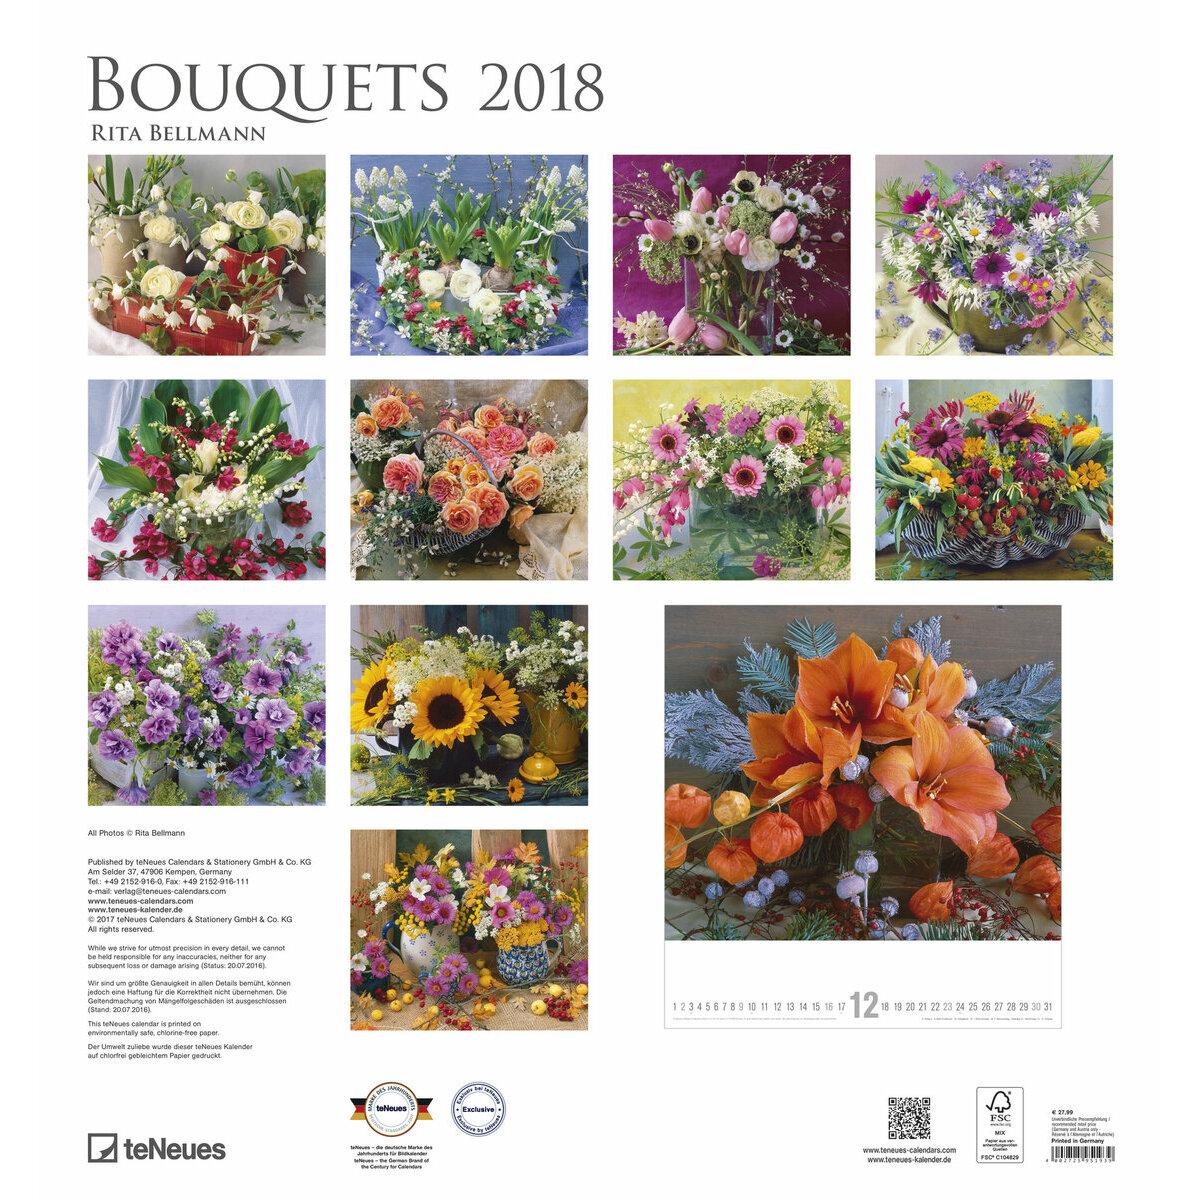 maxi calendrier 2018 art et photo bouquet de fleurs. Black Bedroom Furniture Sets. Home Design Ideas